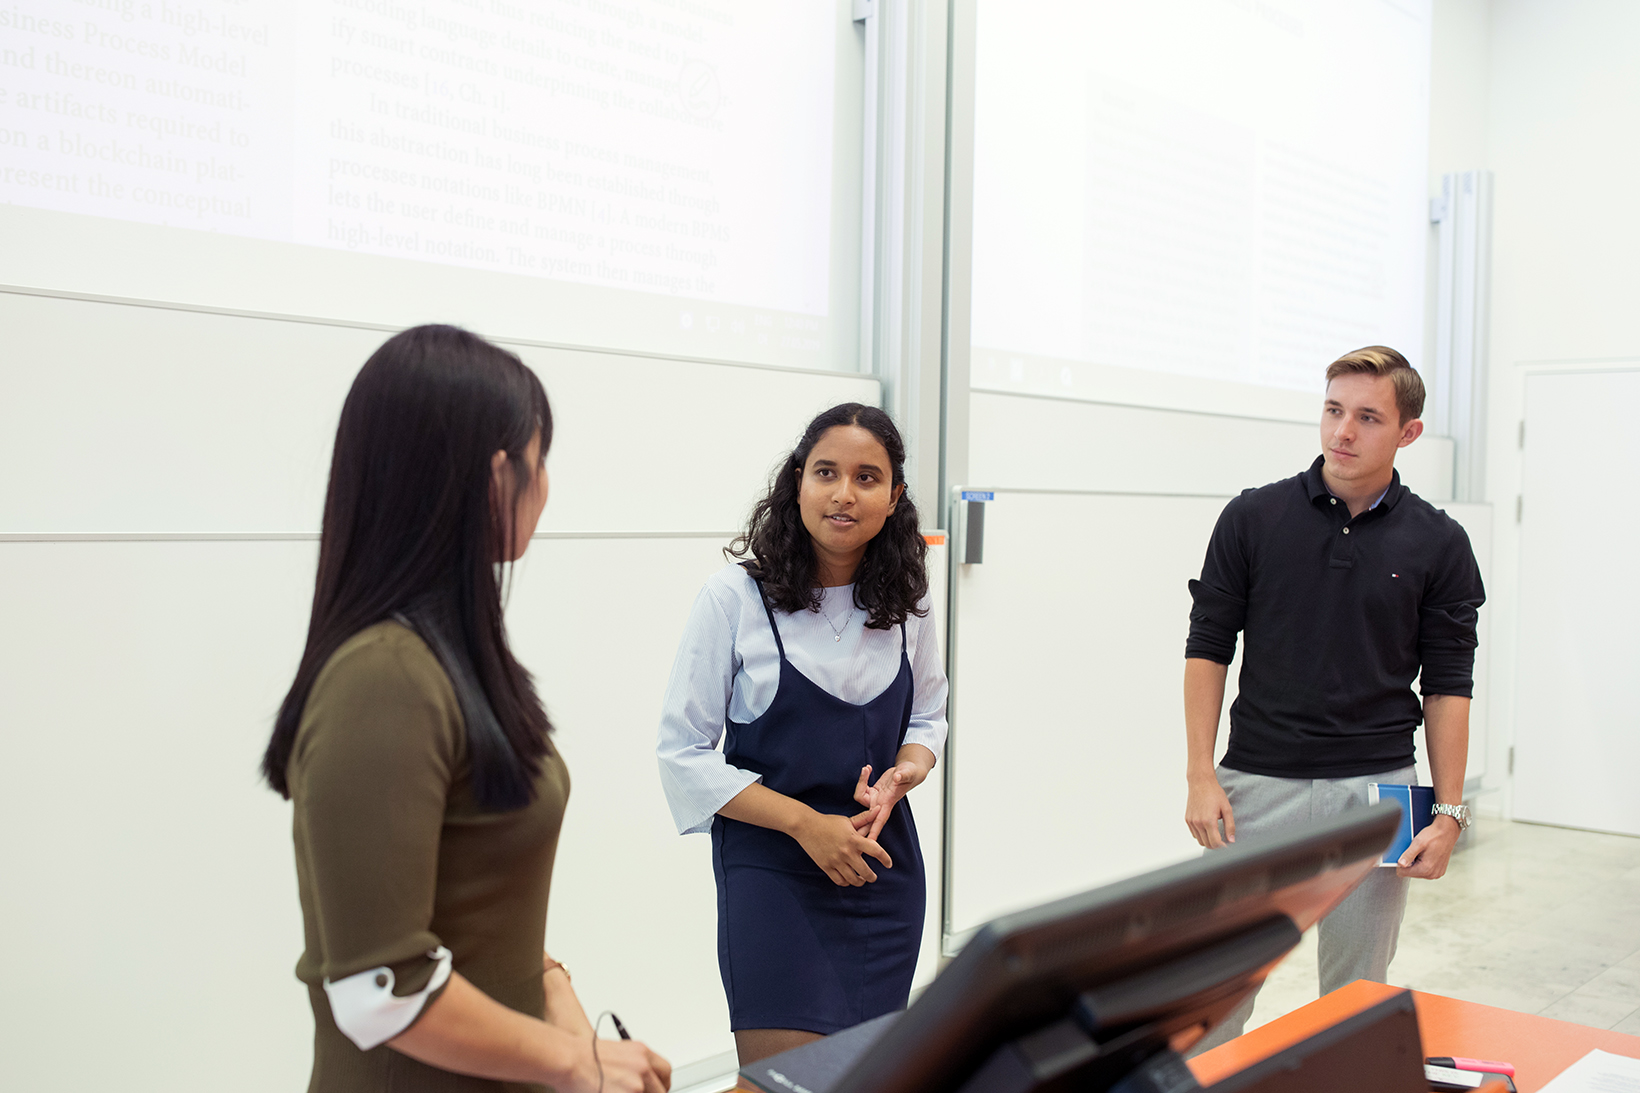 Studierende bei einem Referat